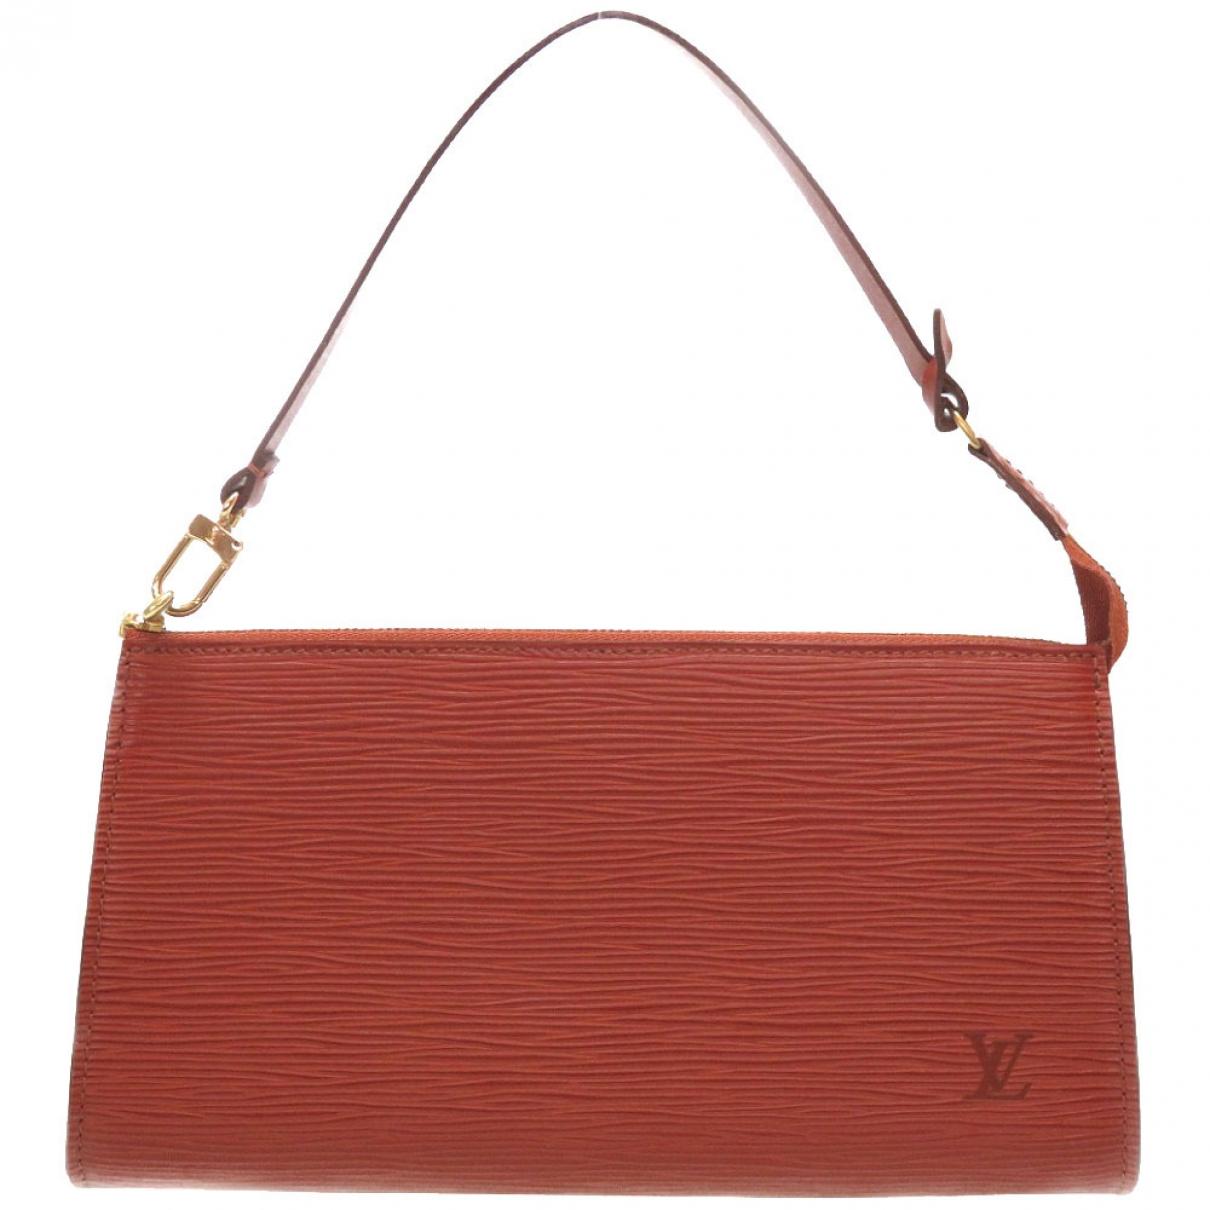 Louis Vuitton - Pochette Pochette Accessoire pour femme en cuir - marron